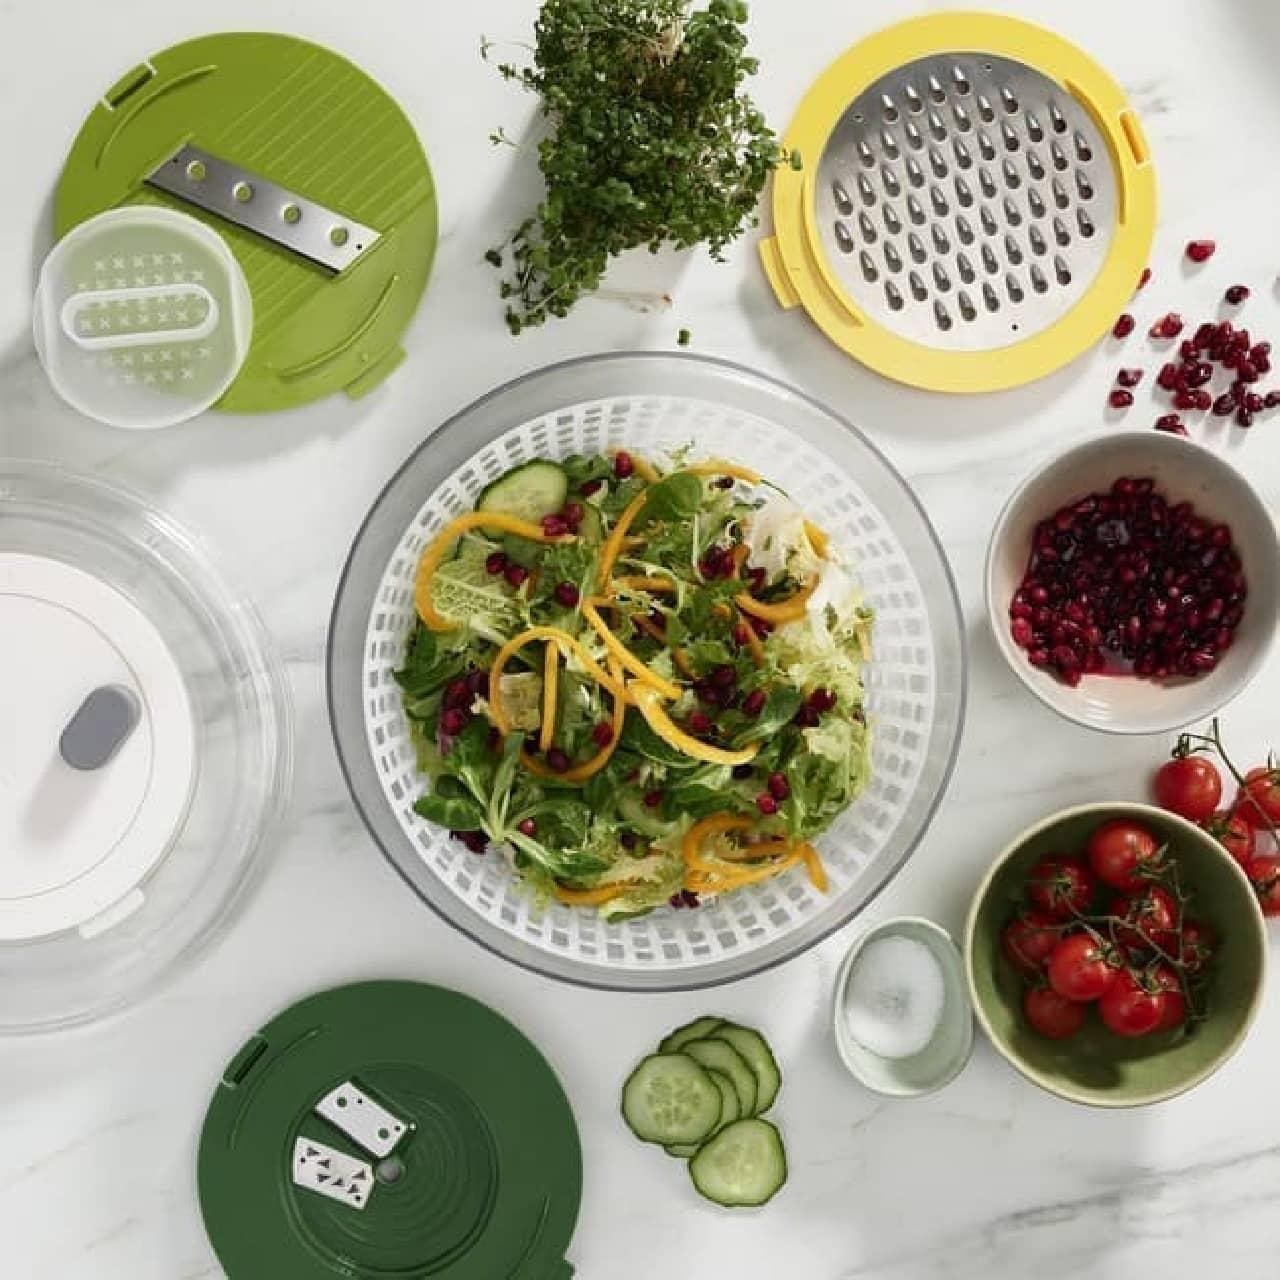 イギリス発「Joseph Joseph」2021年春夏新商品 -- 多機能なサラダ調理器・ダストボックスなど